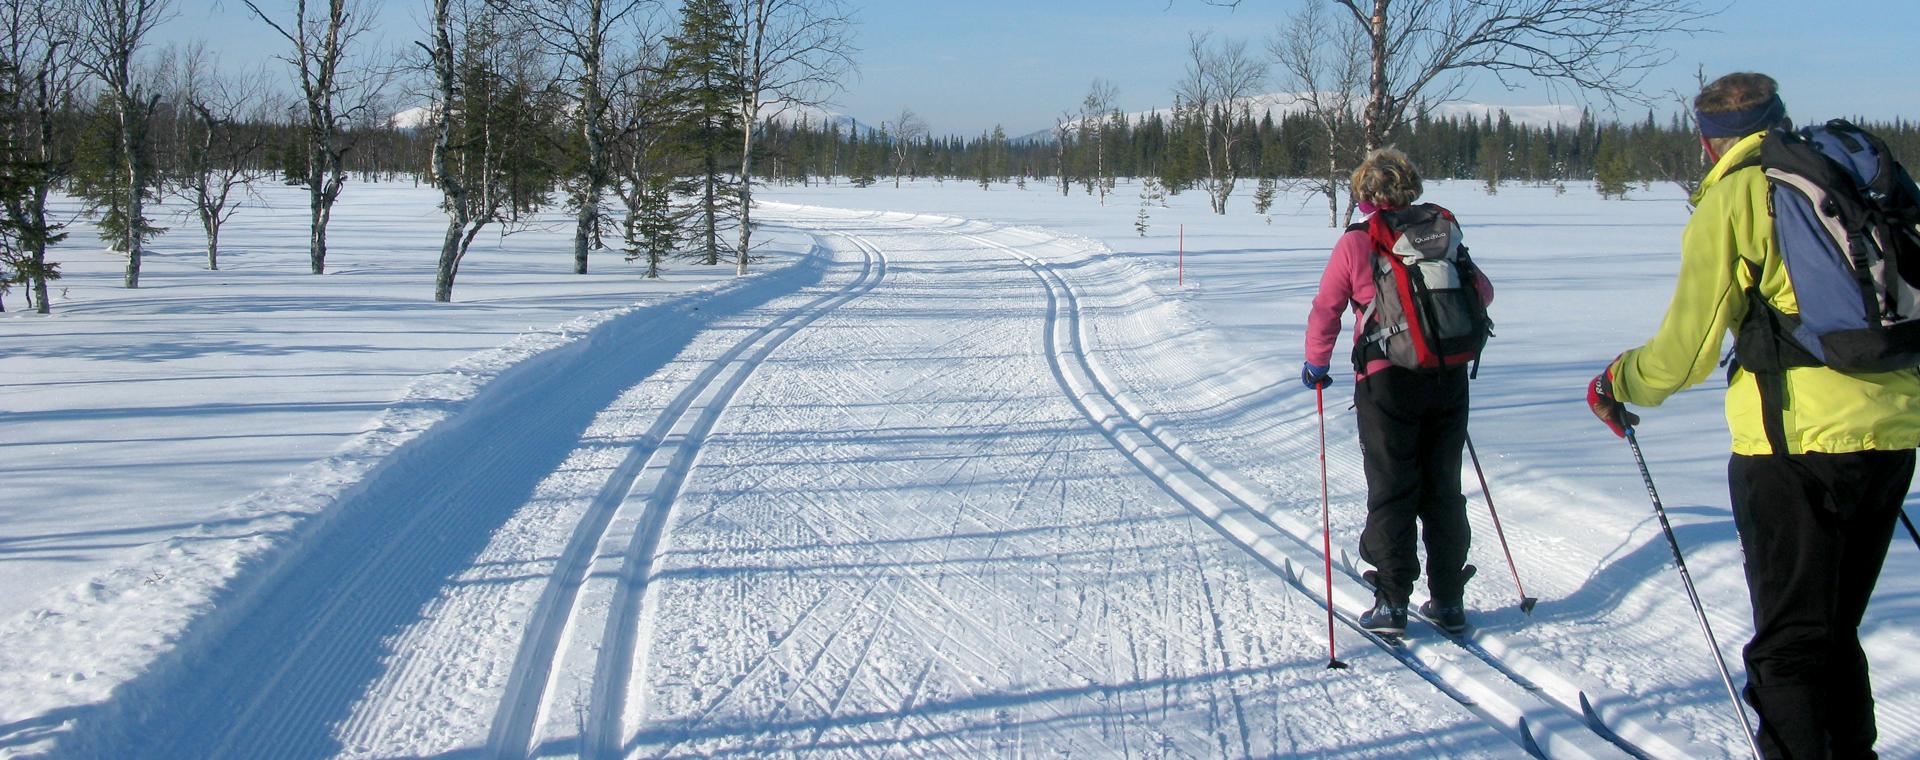 Voyage à pied : Äkäslompolo, Laponie finlandaise